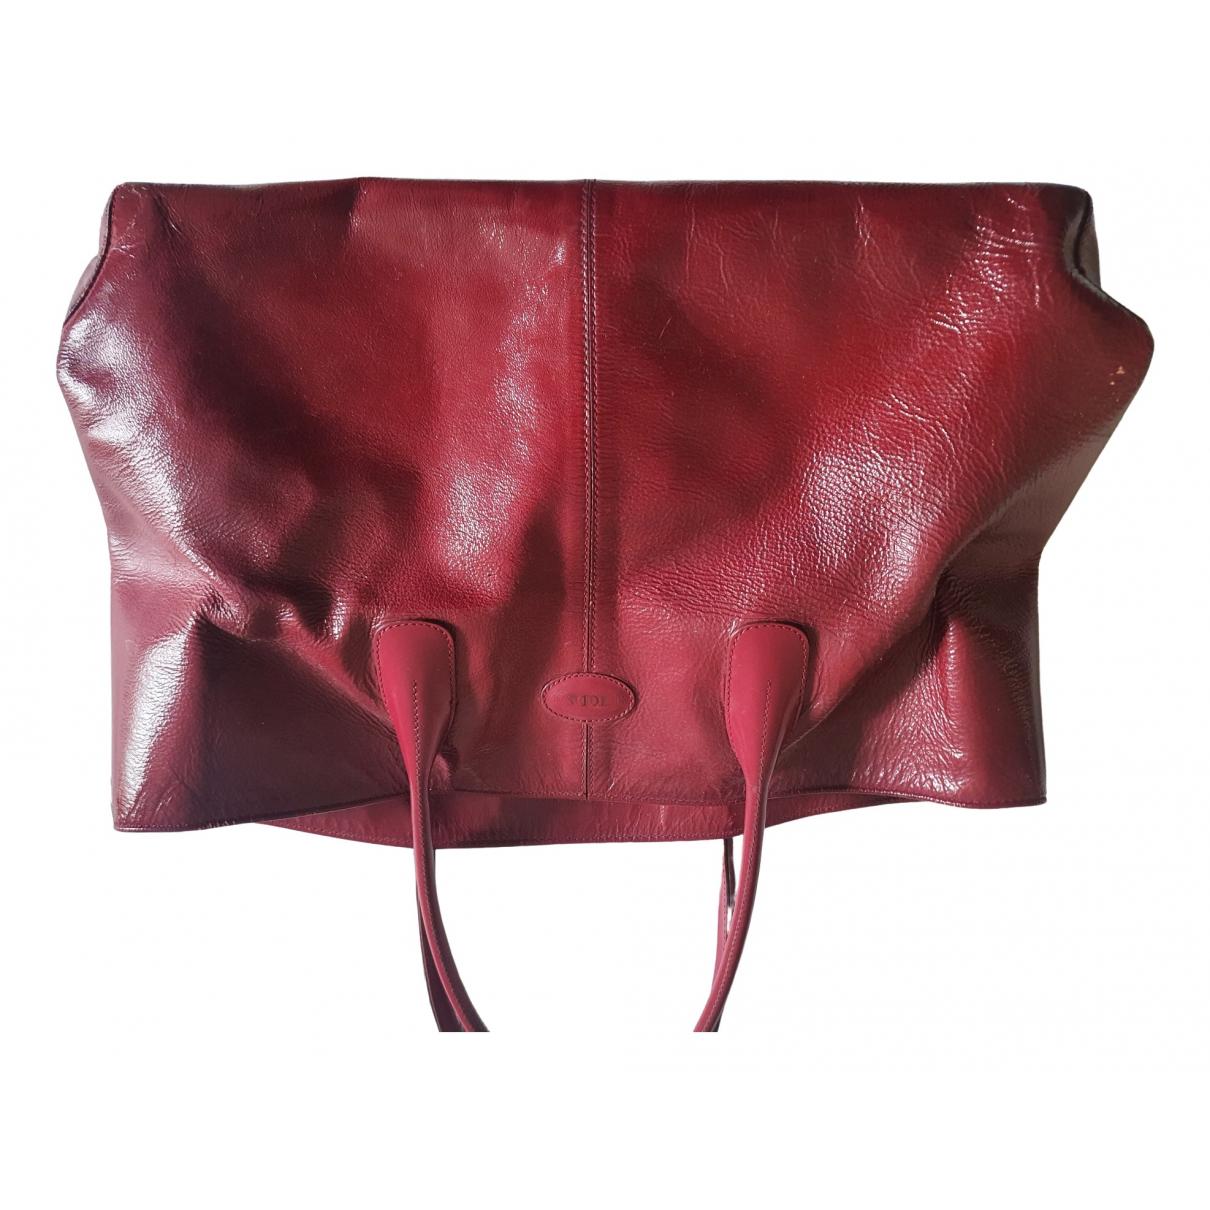 Tods - Sac a main   pour femme en cuir - rouge